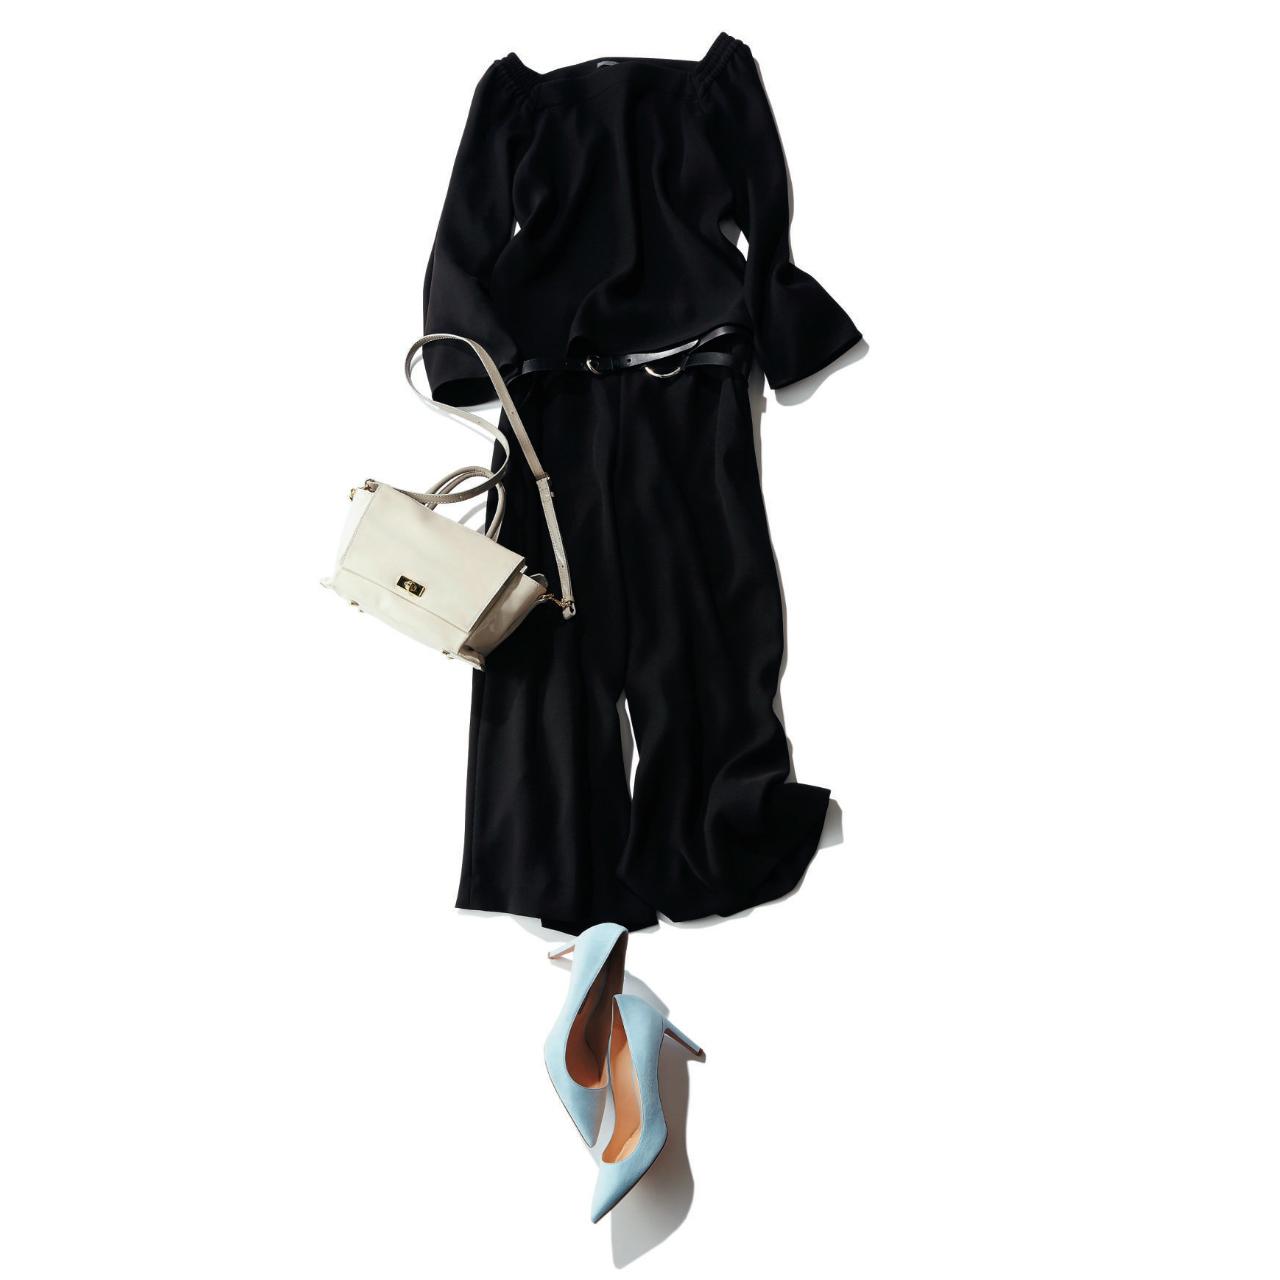 全身黒のファッションコーデ